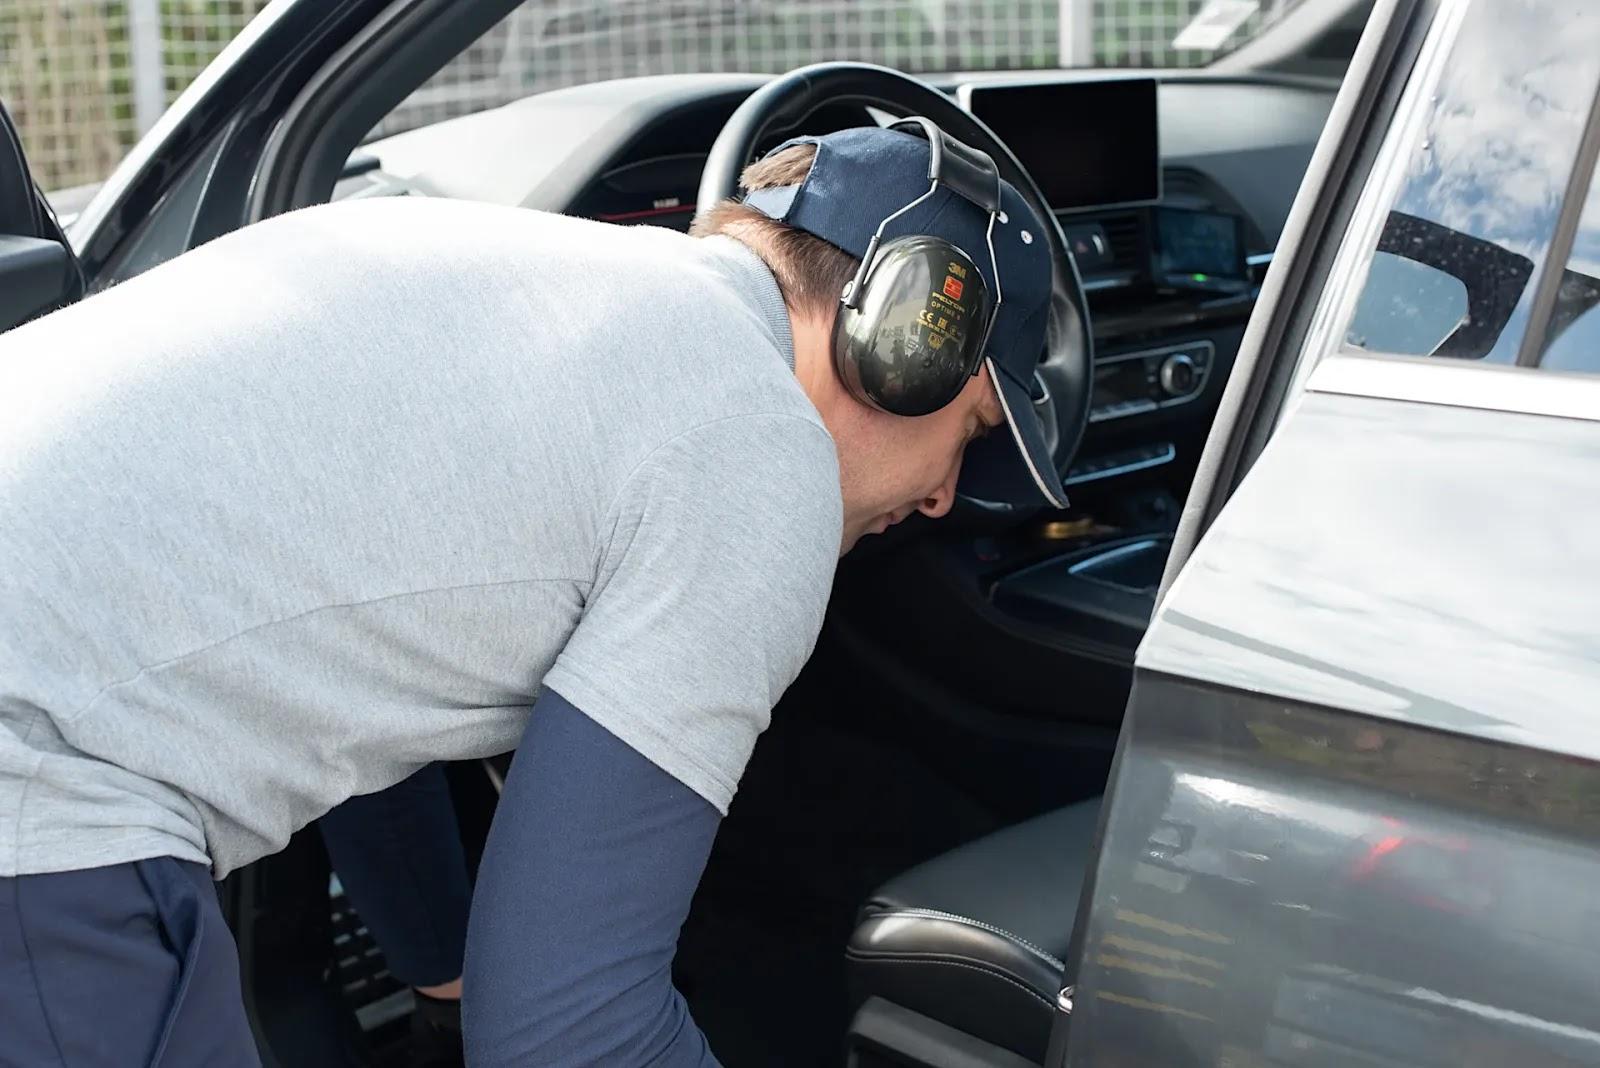 François porte un casque anti-bruit pour passer l'aspirateur.